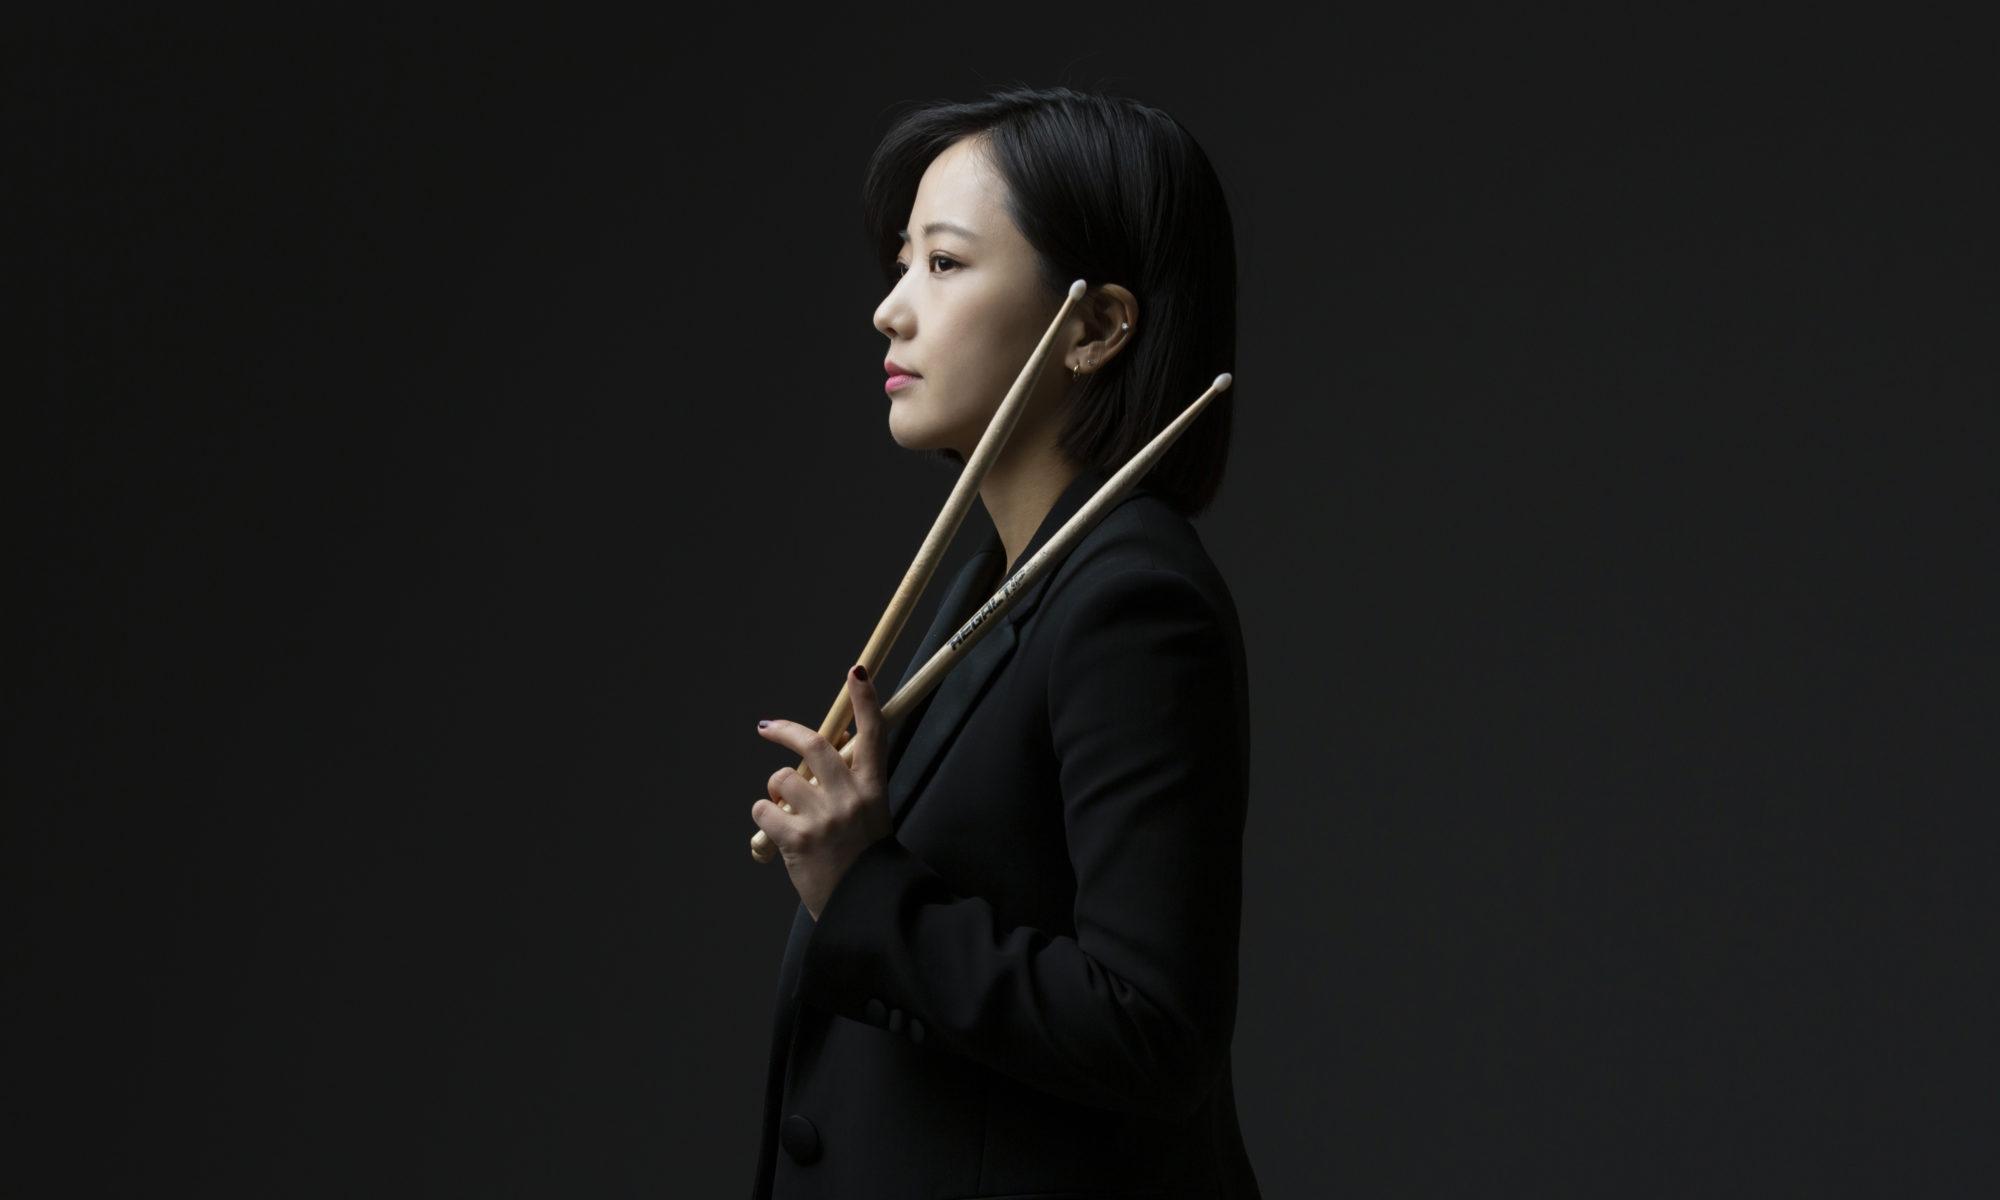 Suh Soojin